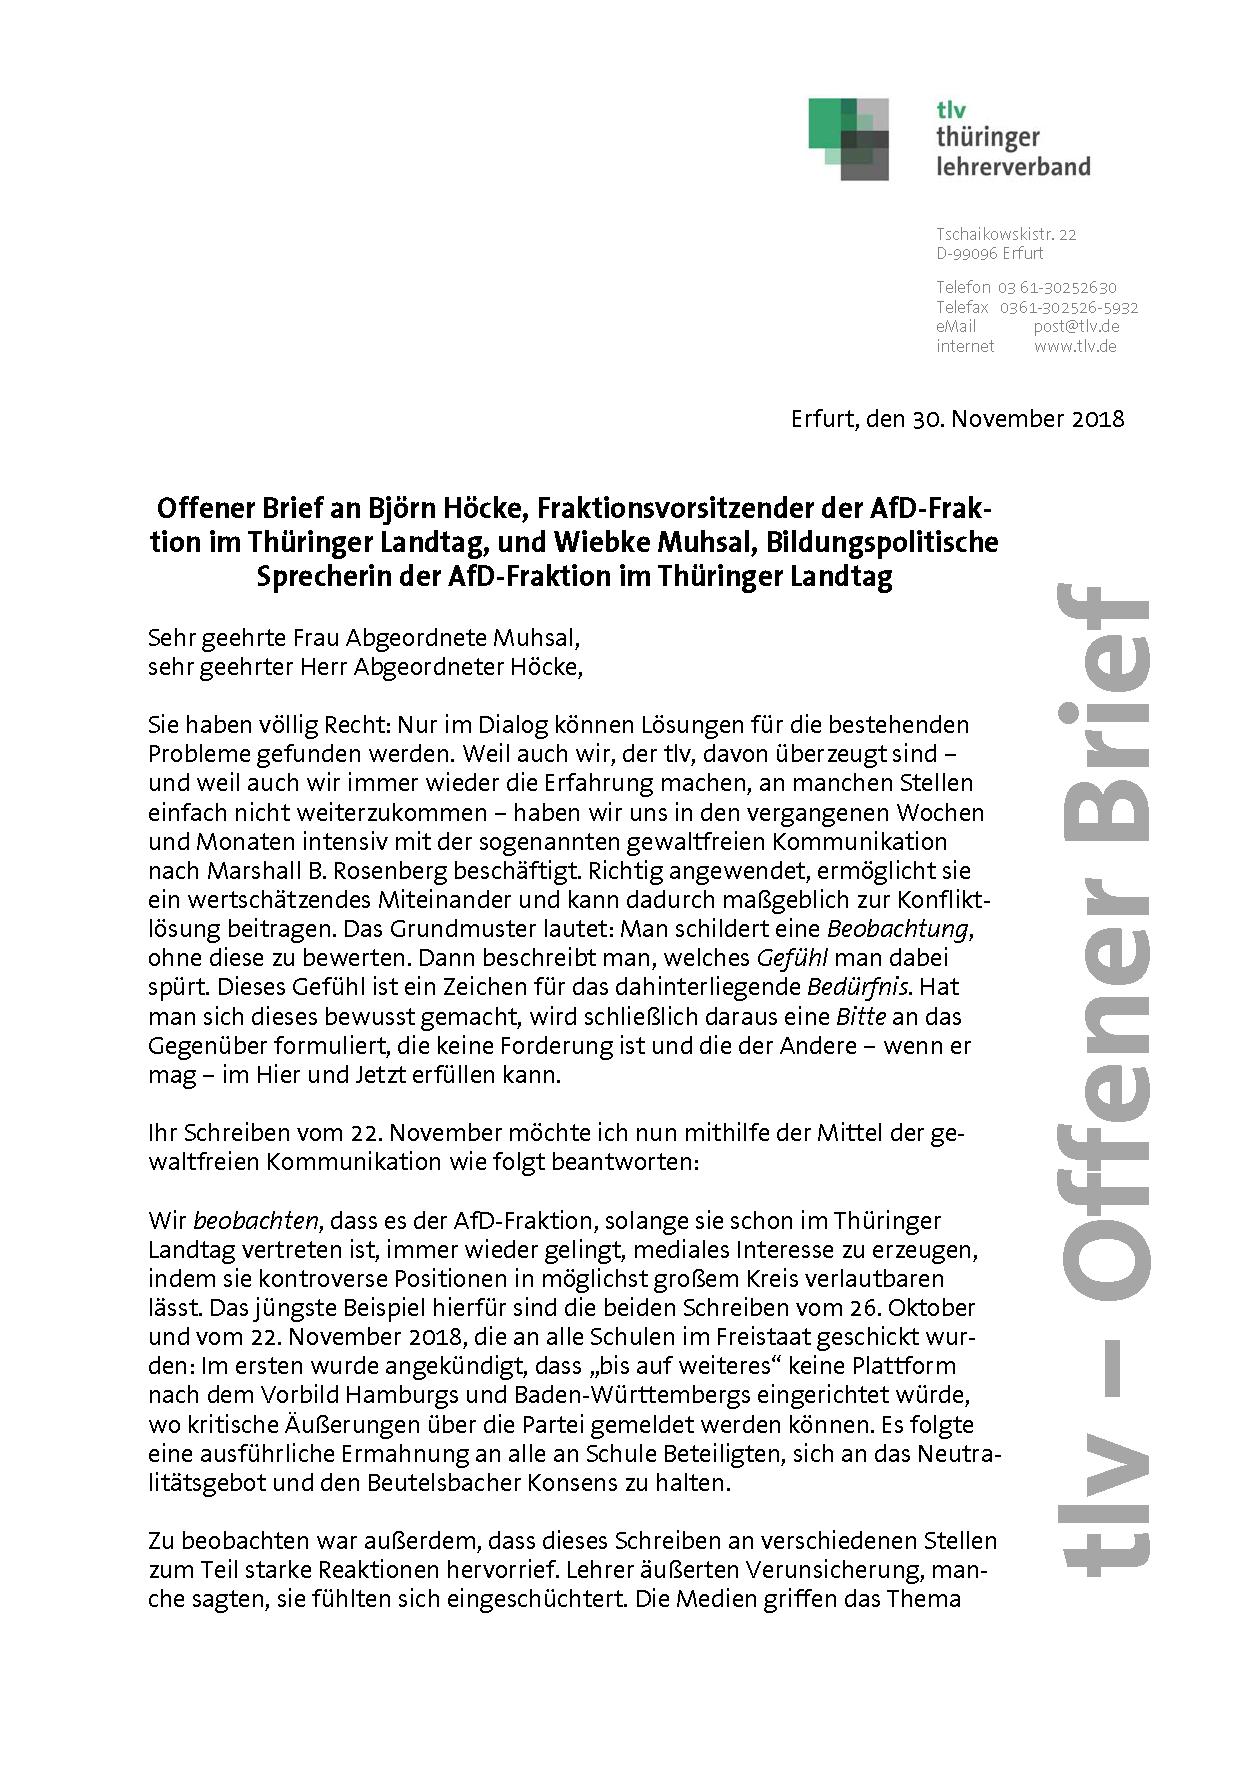 Offener Brief An Afd Fraktion Im Thuringer Landtag Tlv Thuringer Lehrerverband